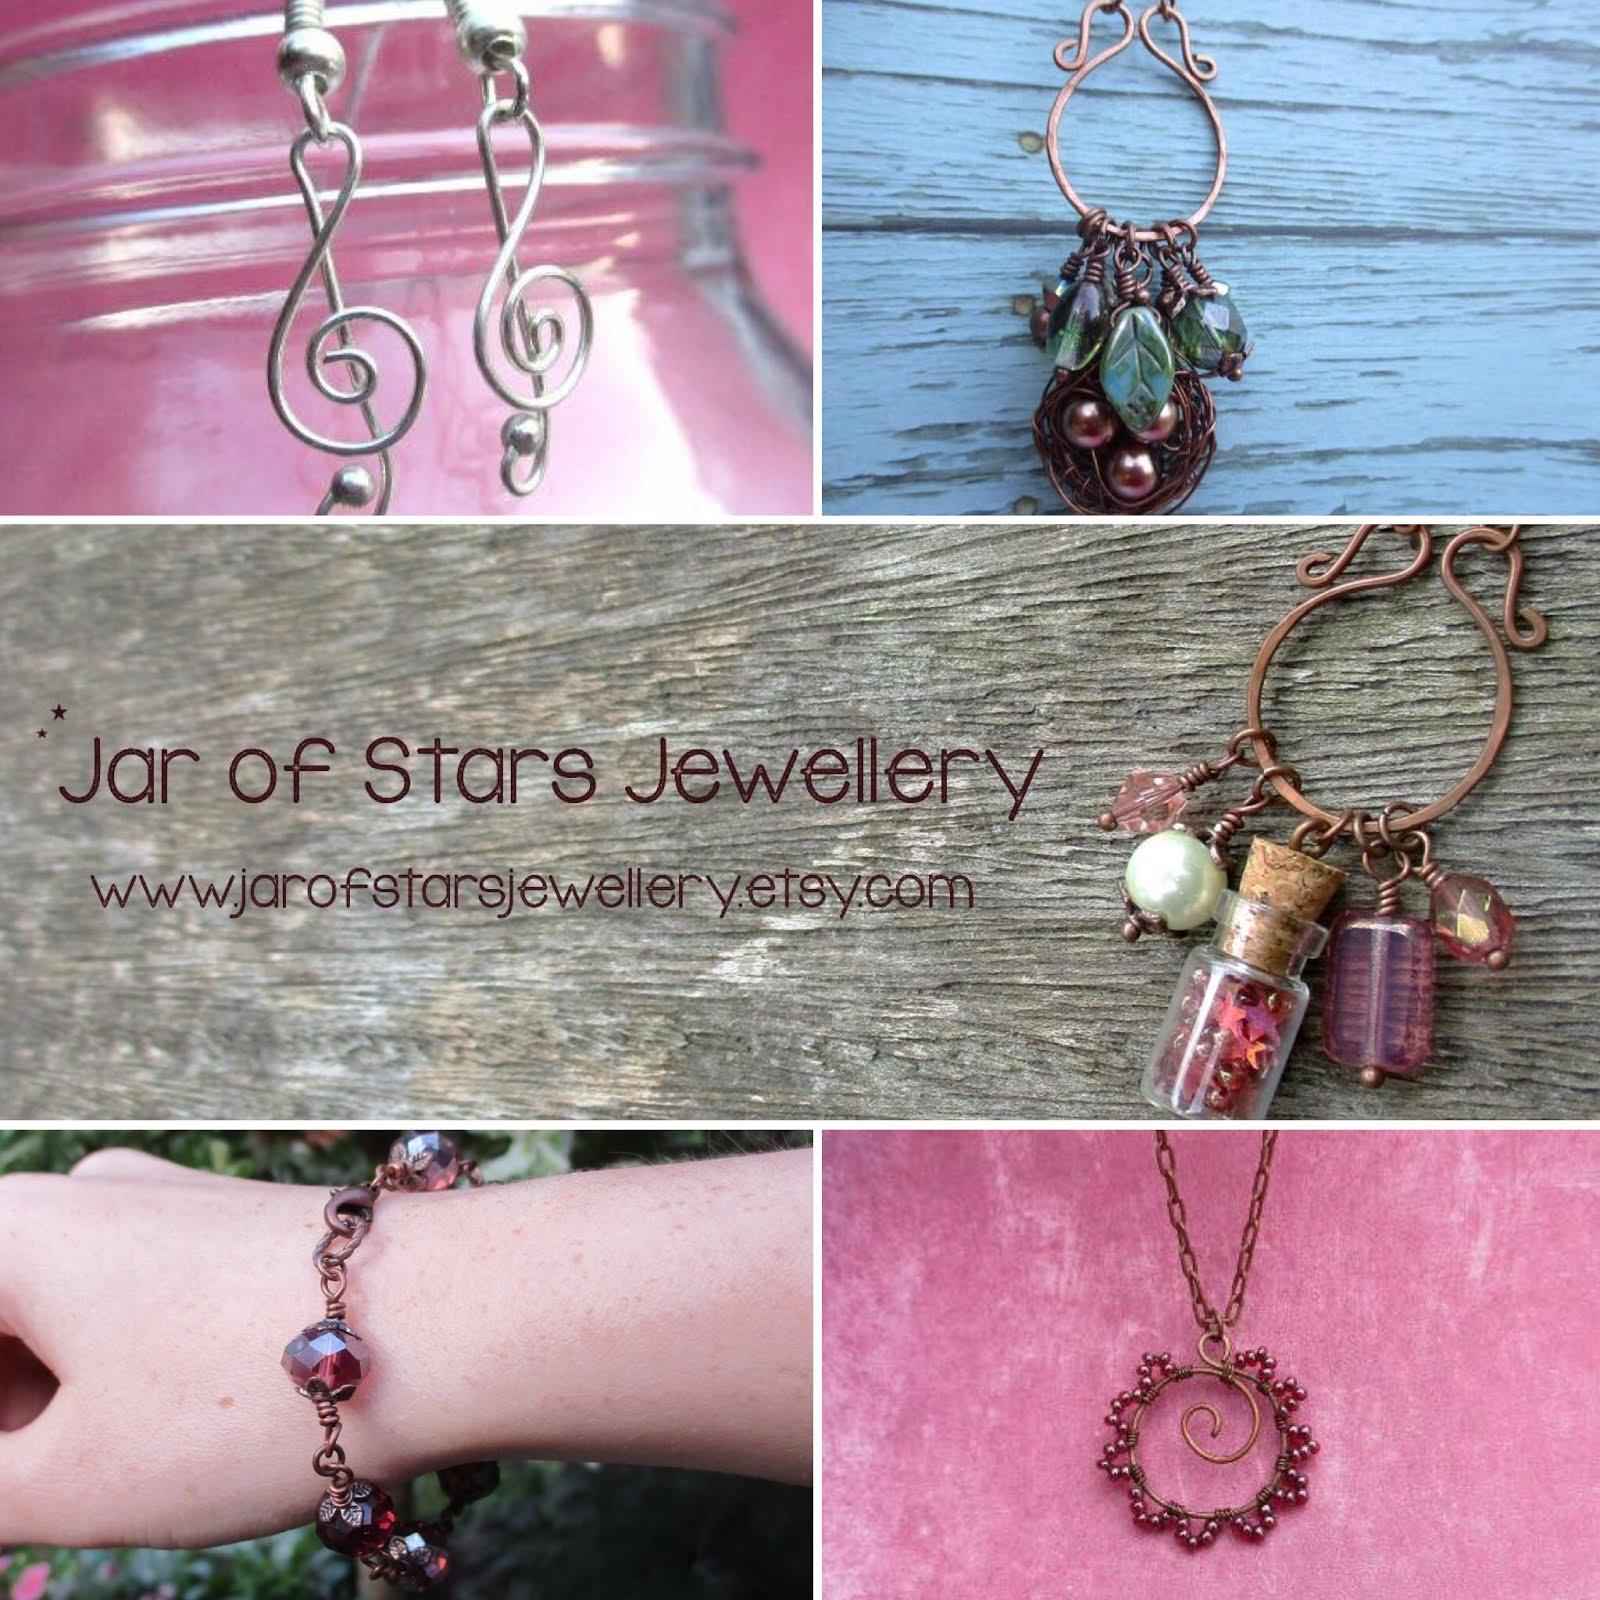 Jar of stars jewellery